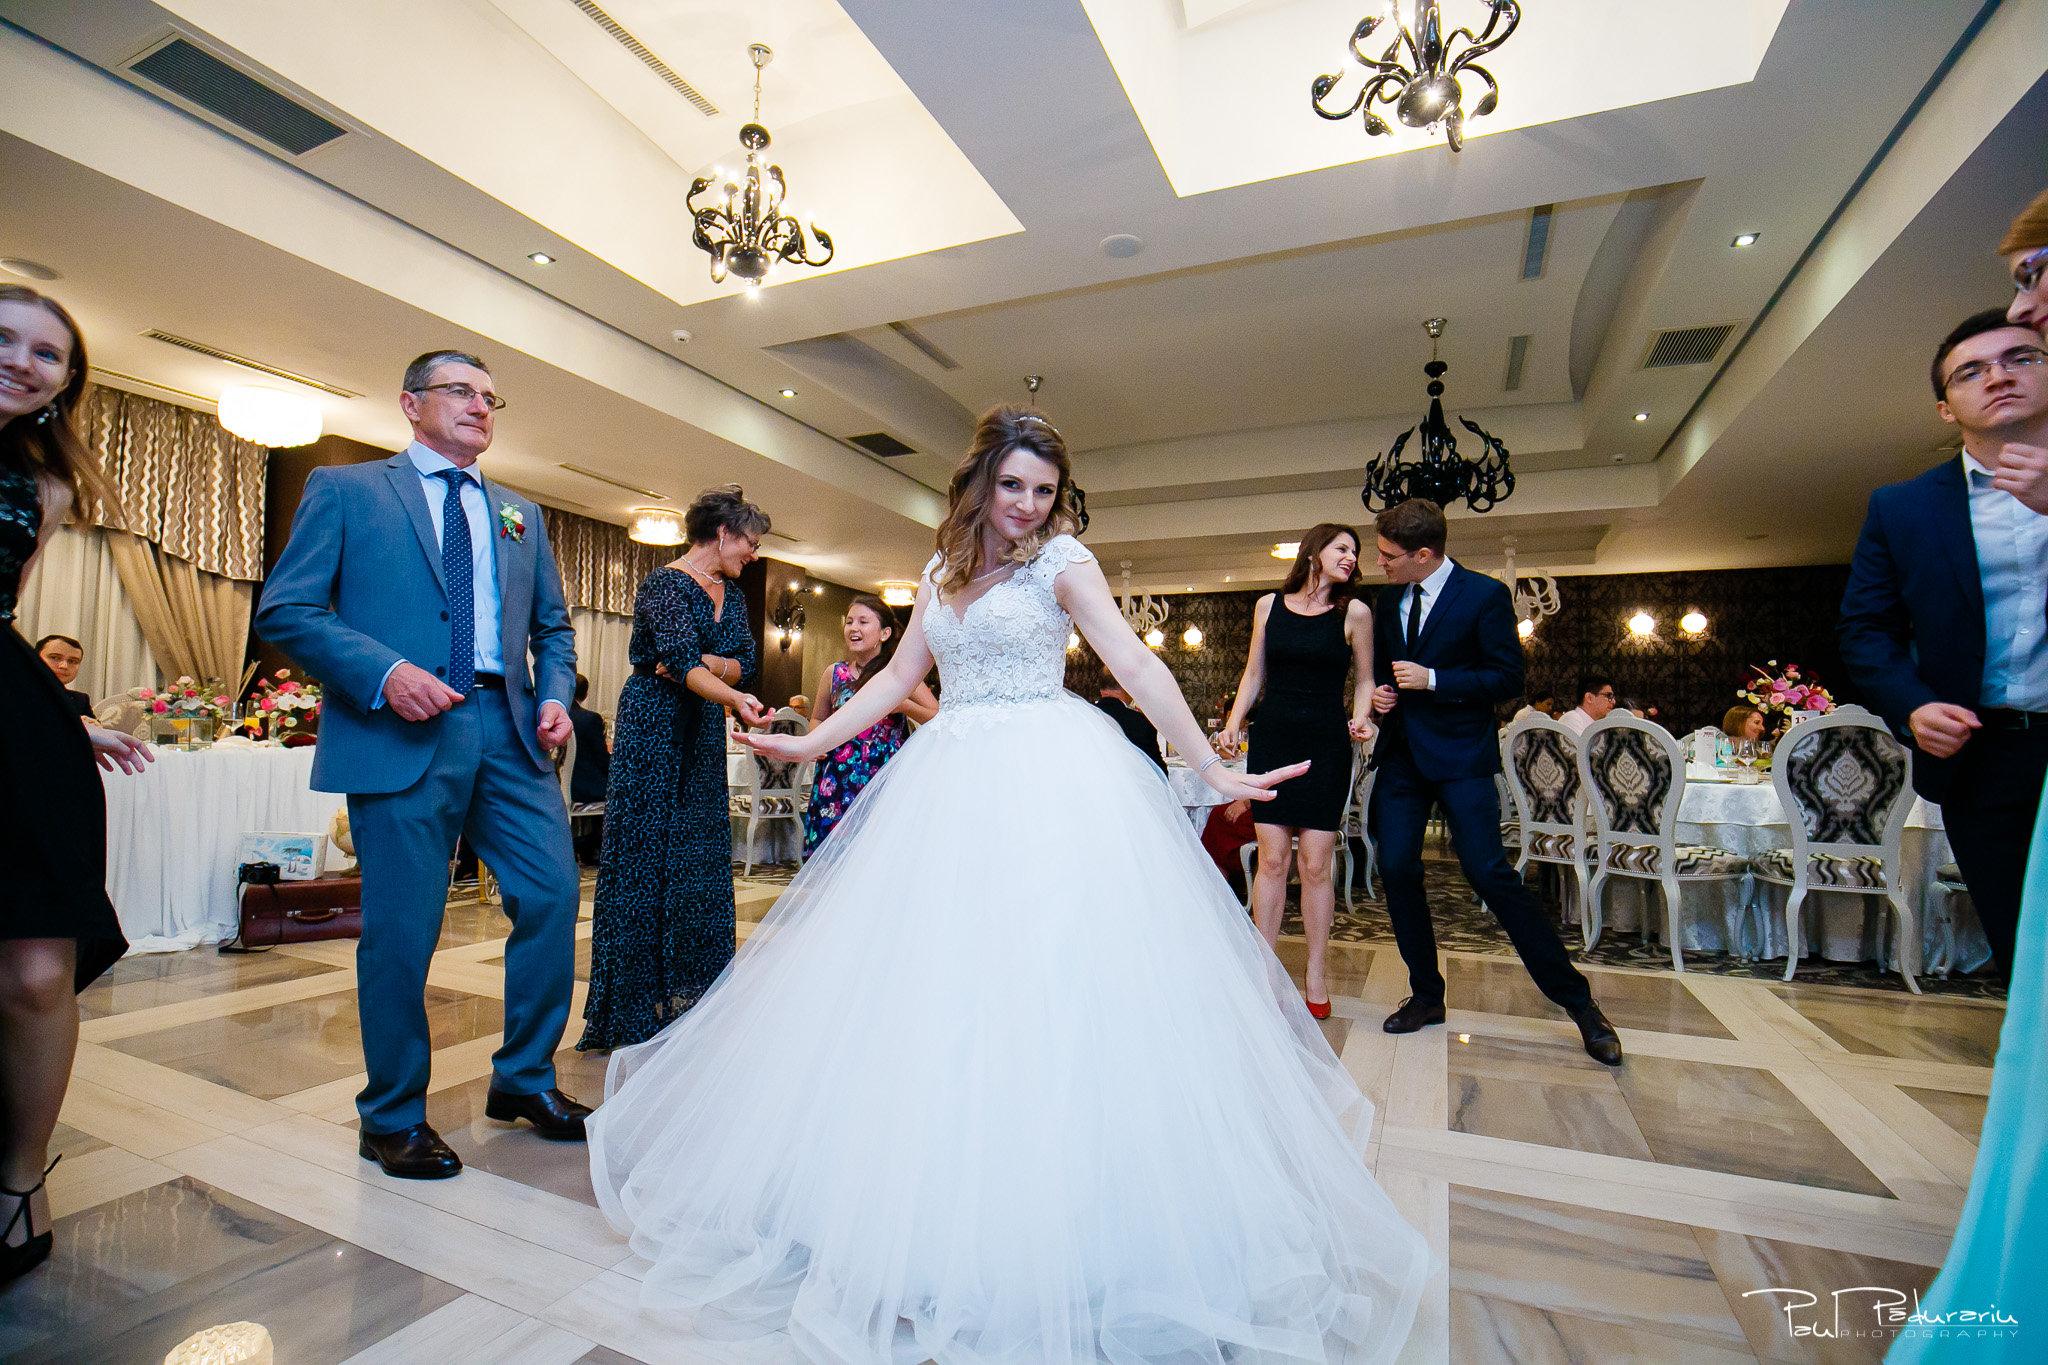 Nunta la Pleiada Iasi Alexandra si Vlad mireasa dansand www.paulpadurariu.ro © 2017 Paul Padurariu fotograf de nunta iasi